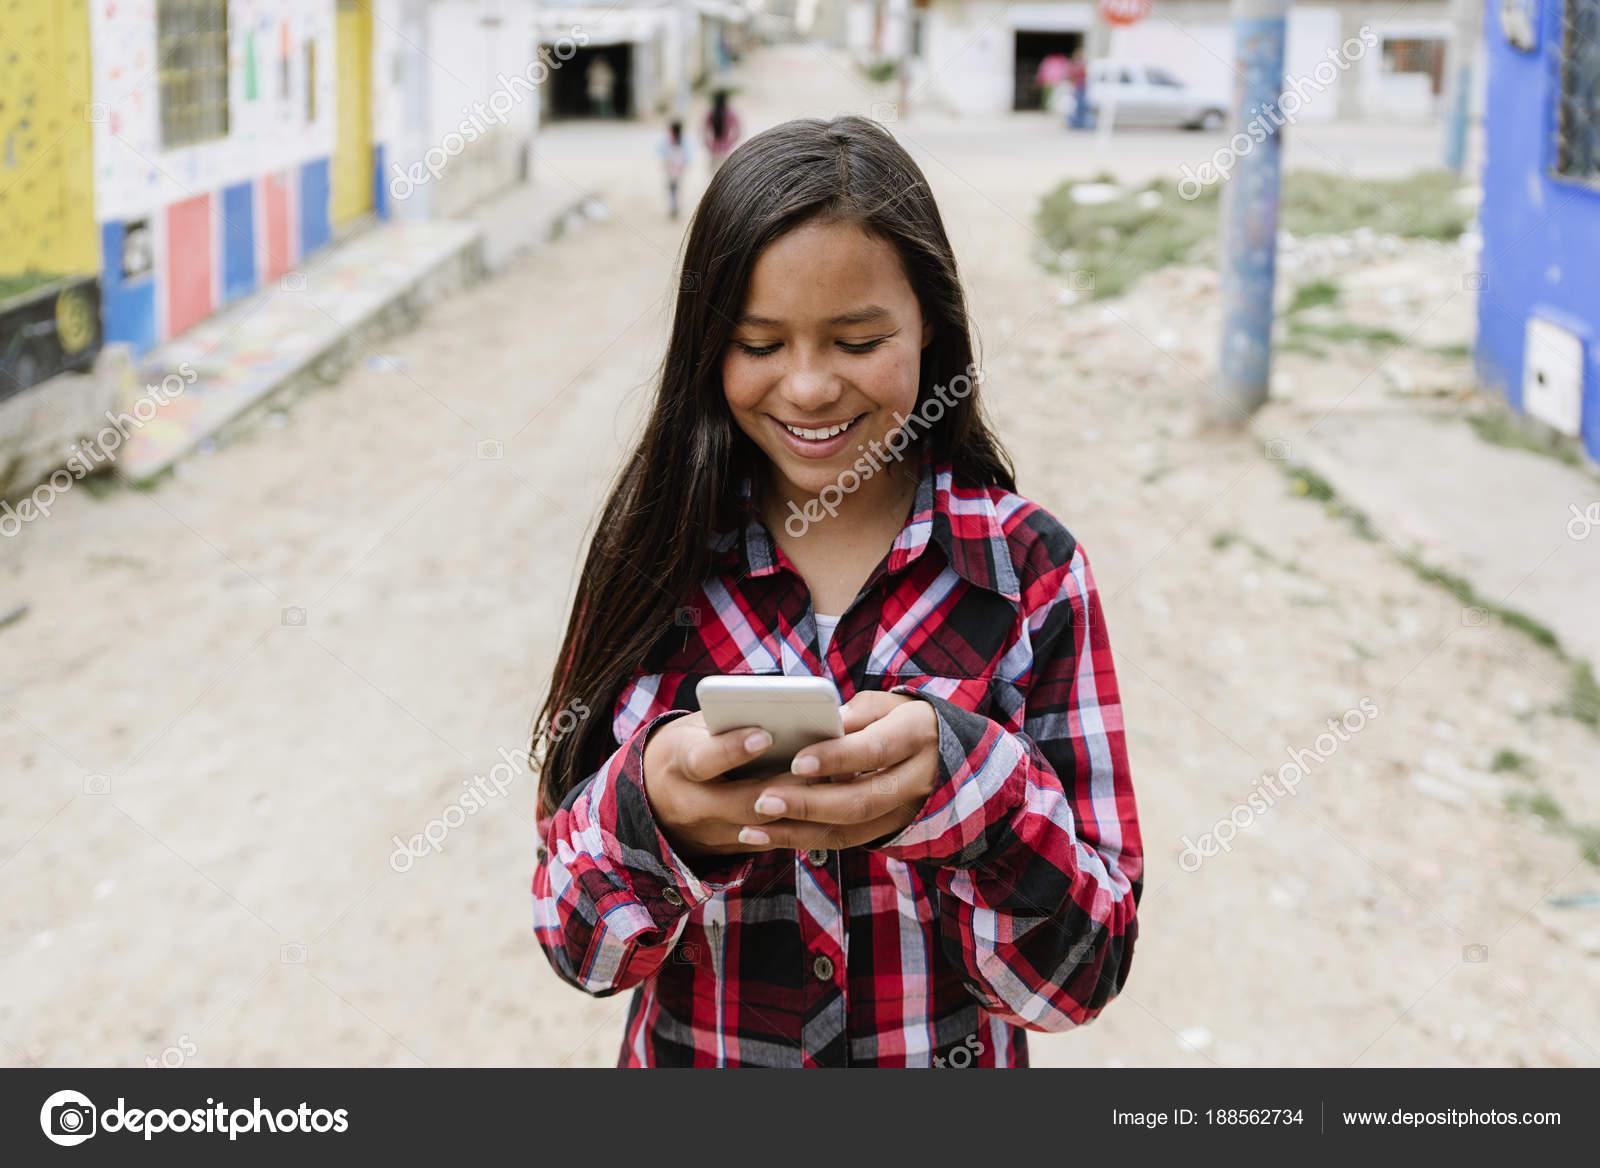 Девушки с цифровыми фотоаппаратами